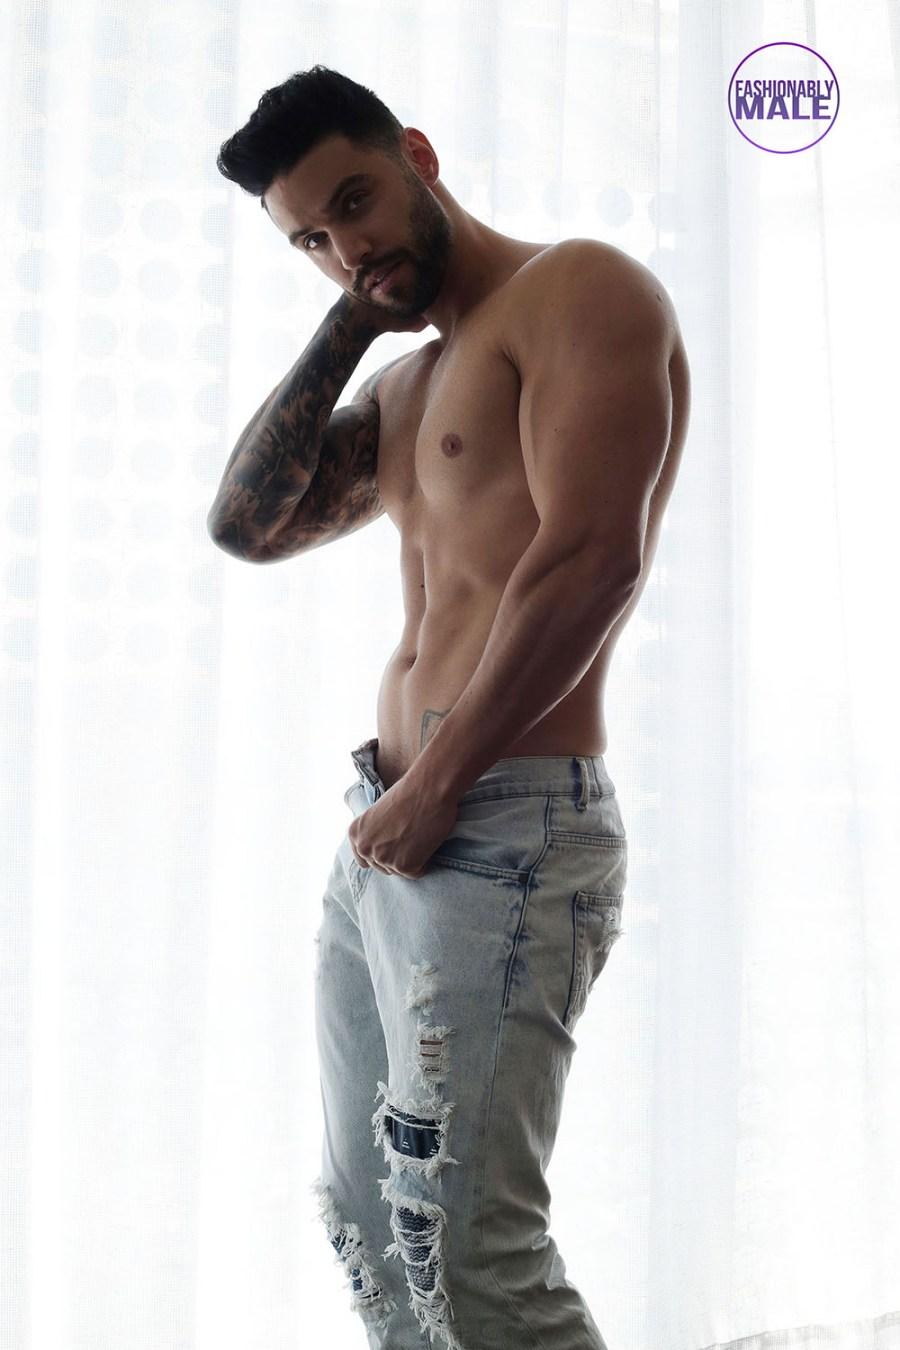 Fernando Lozada by Afif Kattan for Fashionably Male11